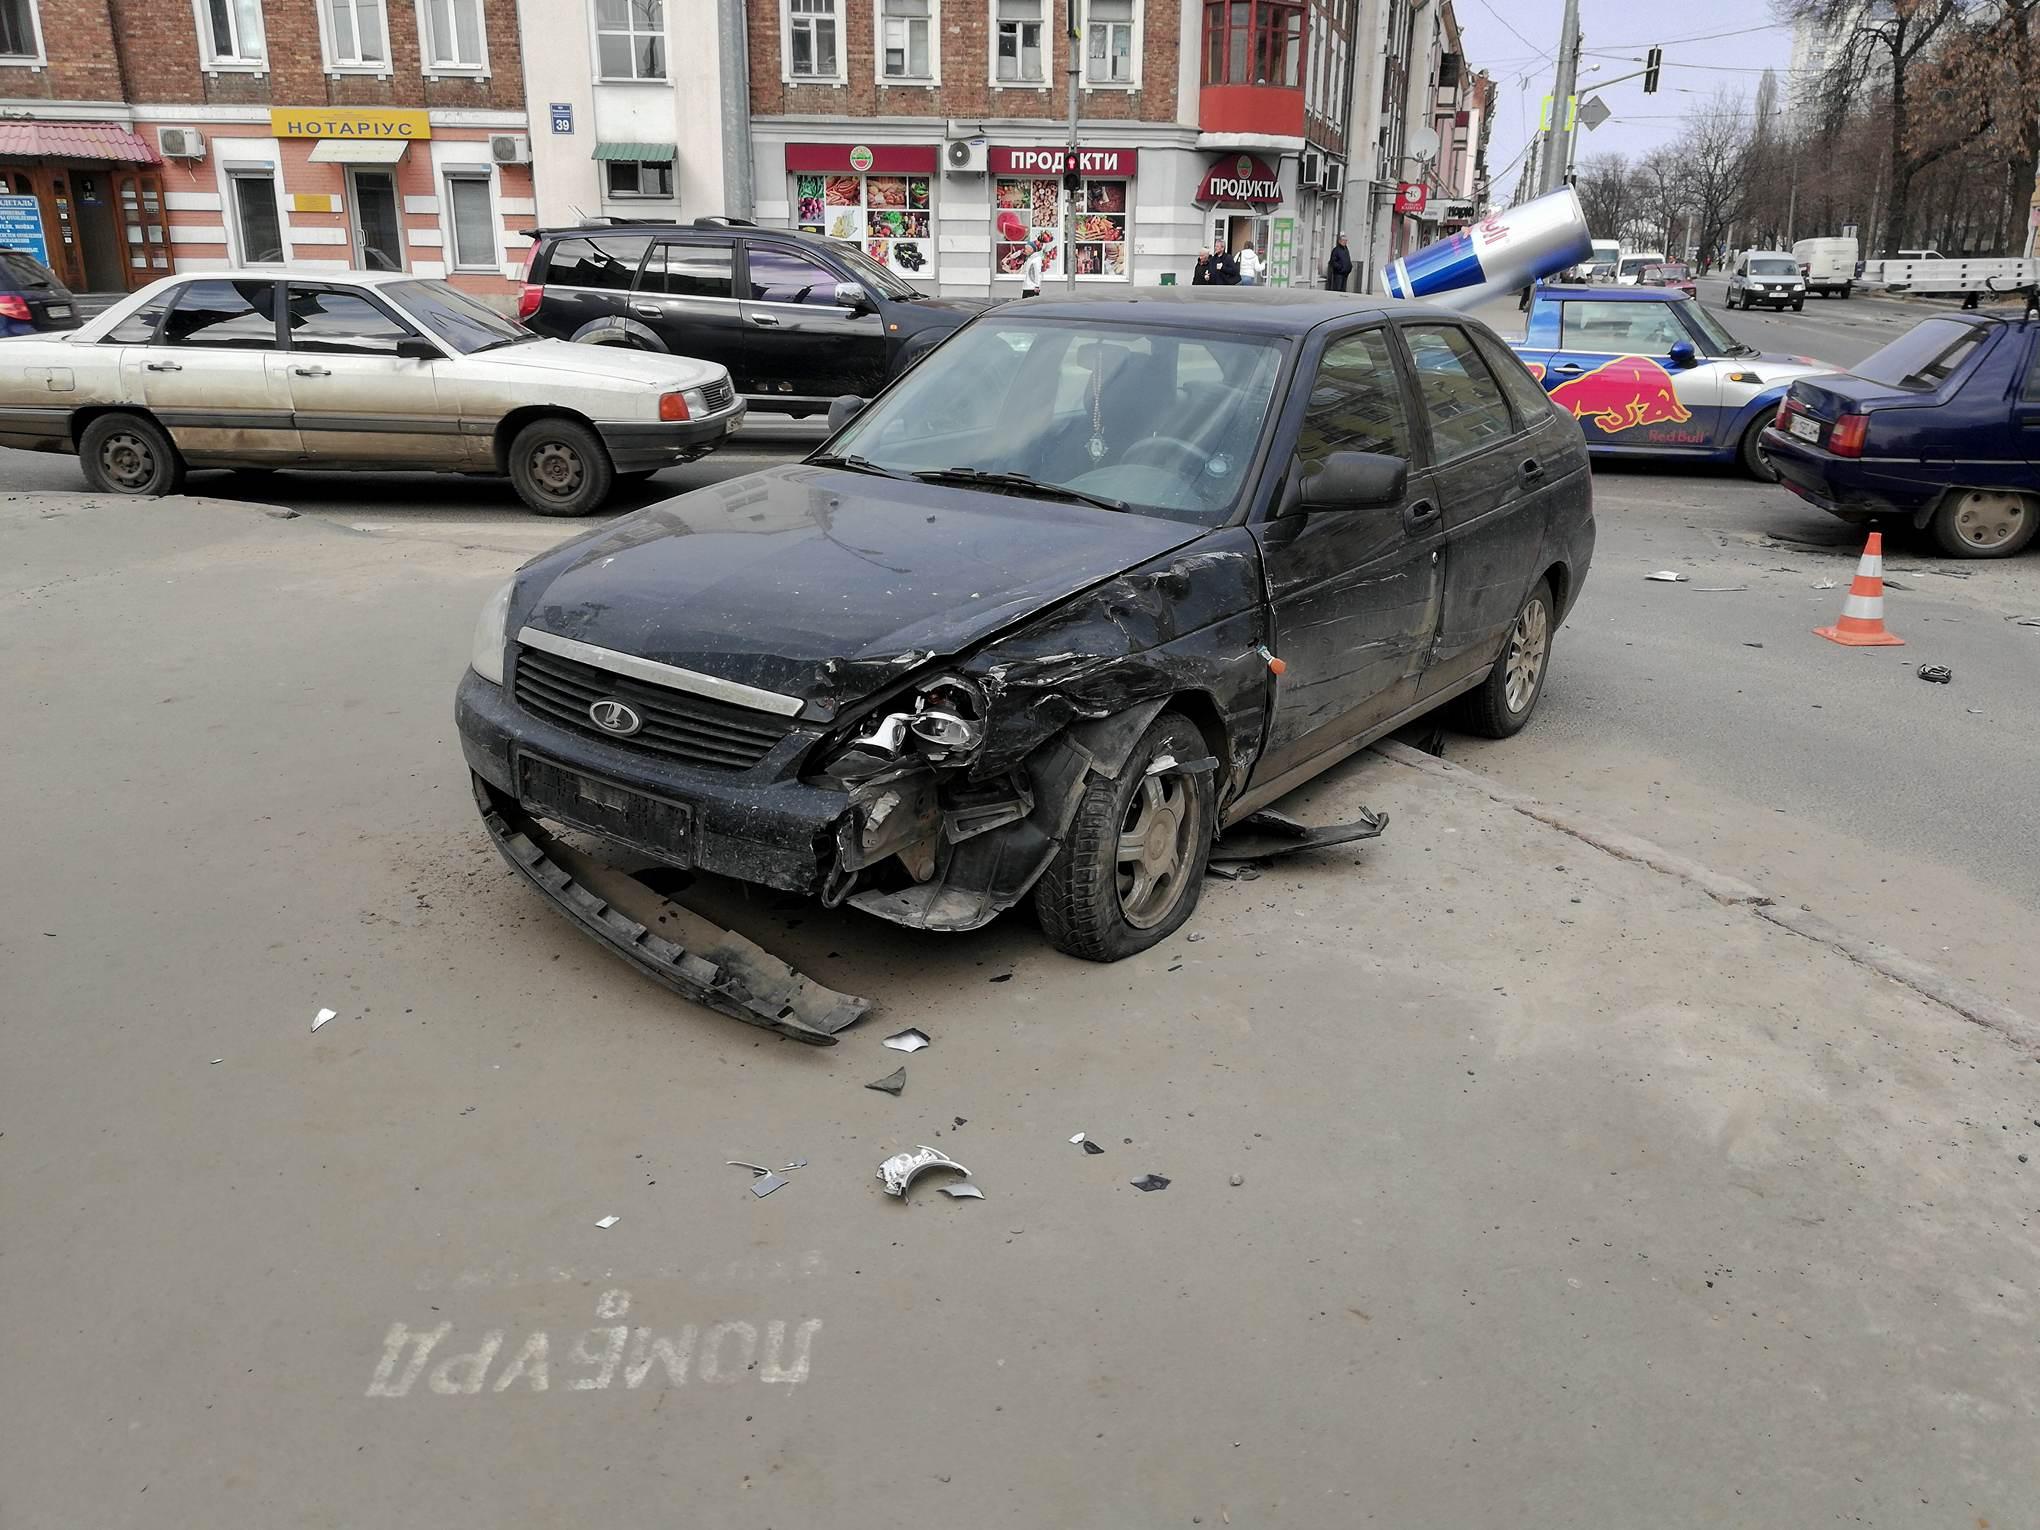 http://gx.net.ua/news_images/1523536534.jpg